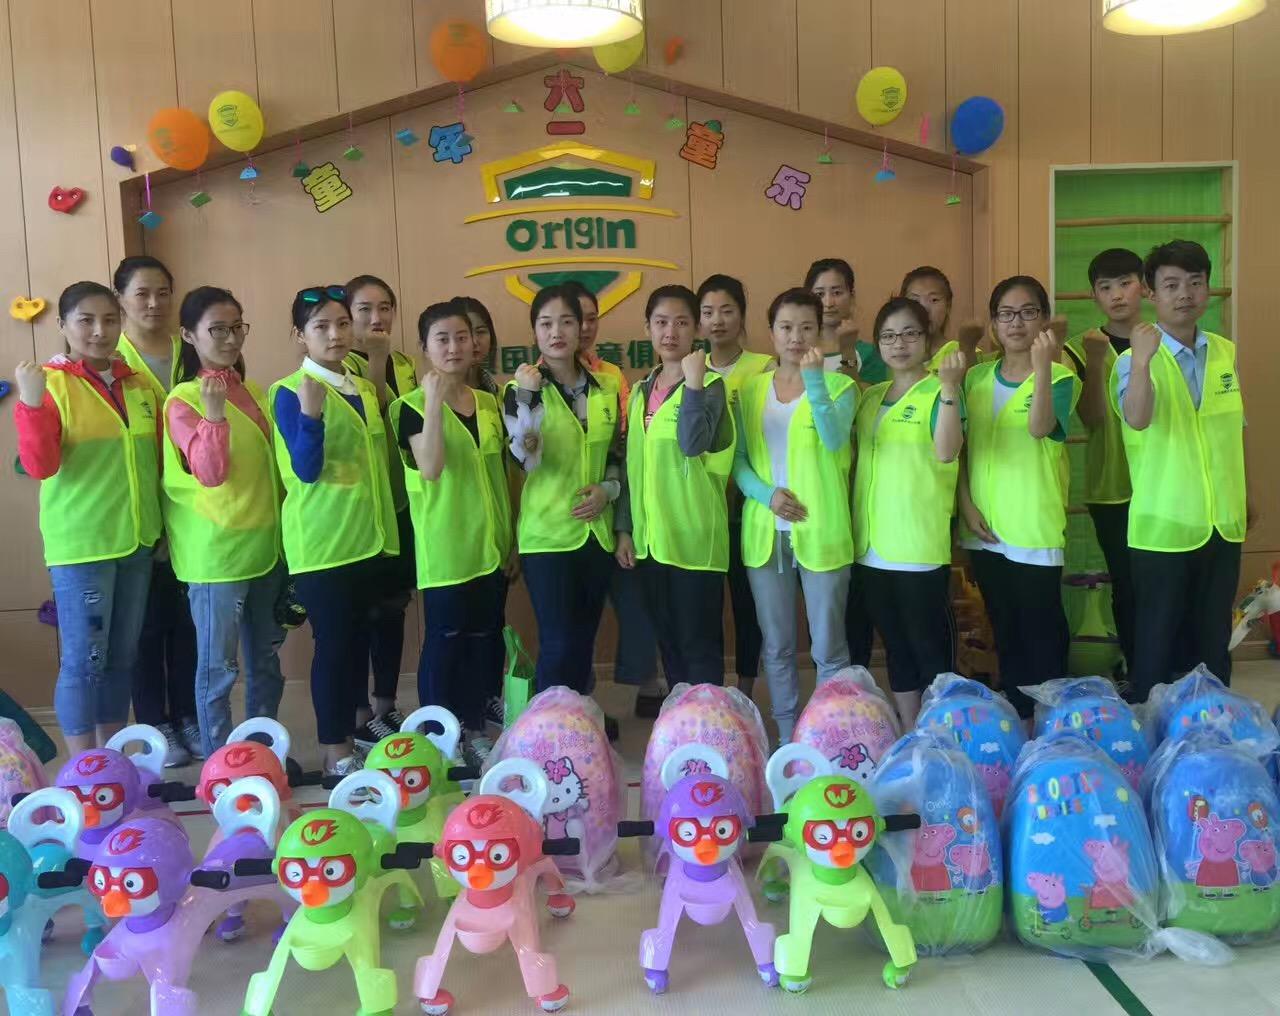 澳真国际儿童俱乐部浙江温州园、甘肃兰州园同时启动中即将火爆开业